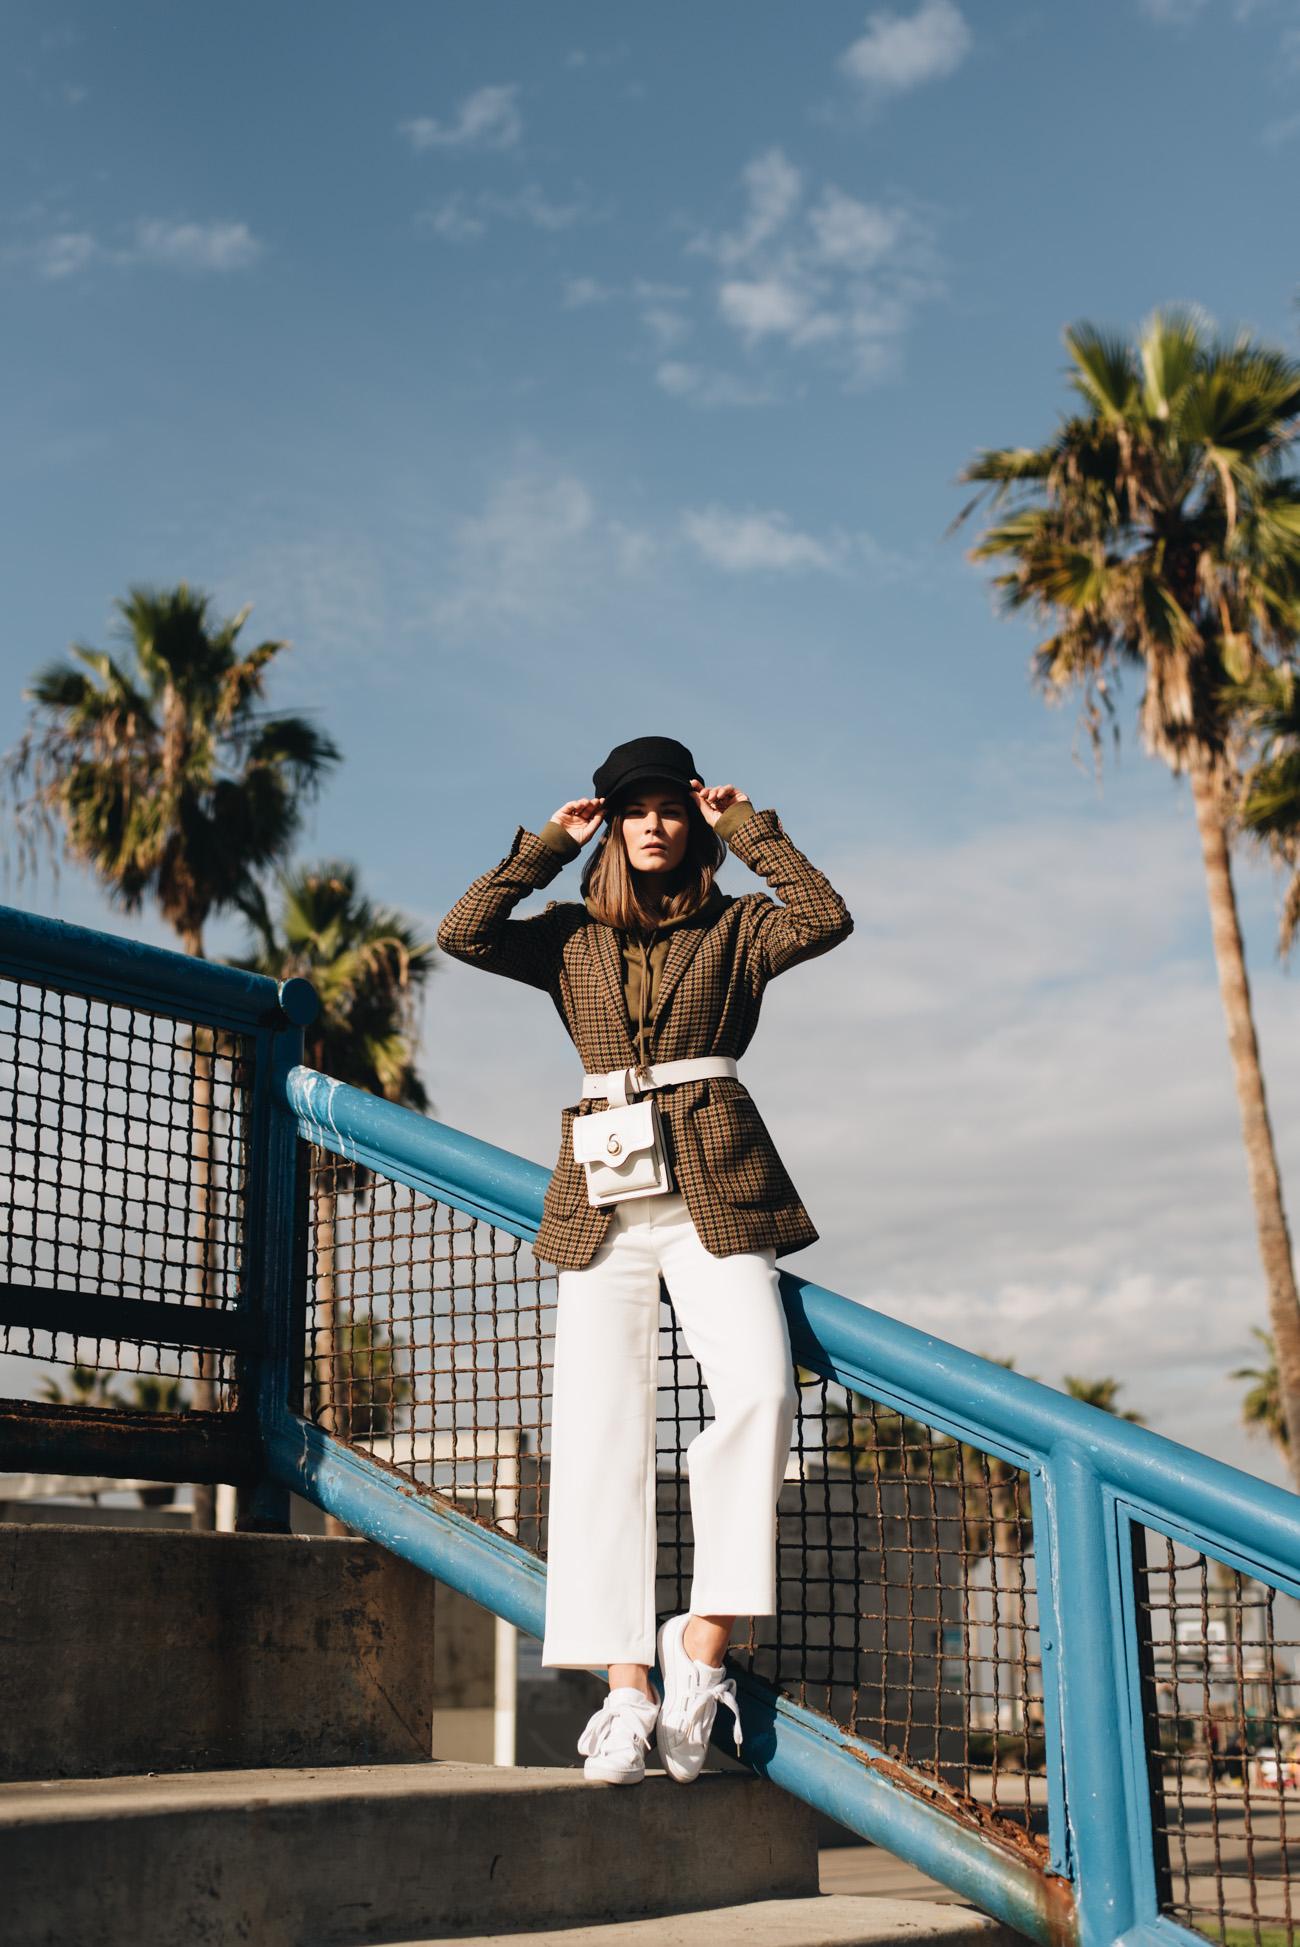 Mode-Style-fashion-lifestyle-influencer-germay-nina-schwichtenberg-fashiioncarpet-modebloggerin-fashion-bloggerin-deutschland-München